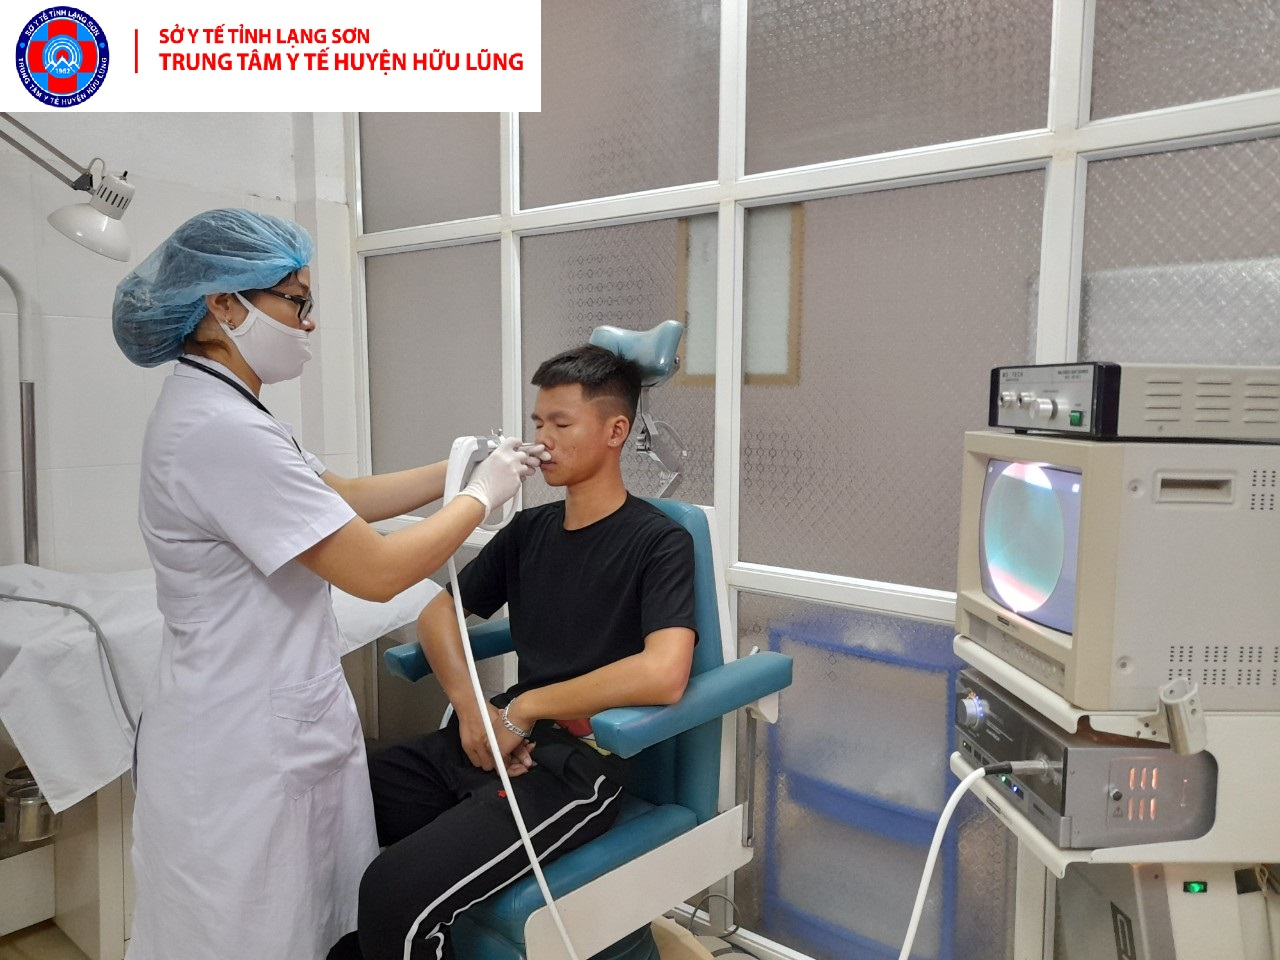 Ghi nhận nhiều bệnh nhân nhập viện do ảnh hưởng của nắng nóng kéo dài